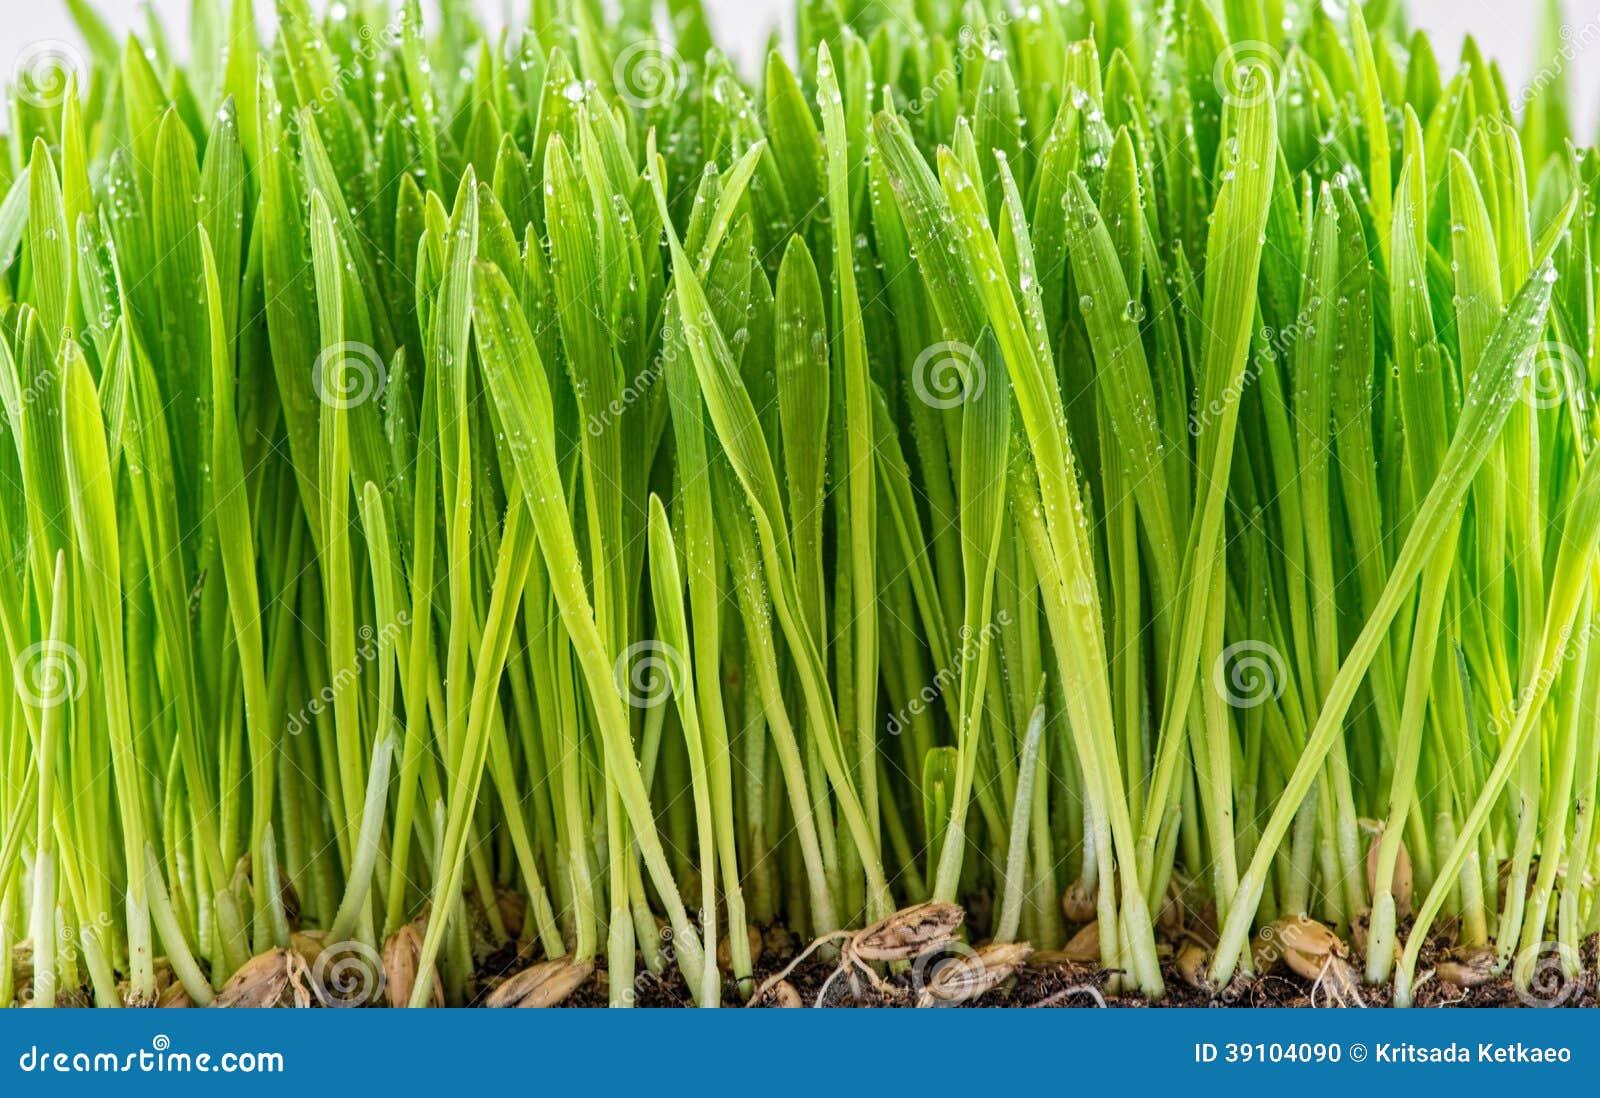 Groene jonge tarwespruit